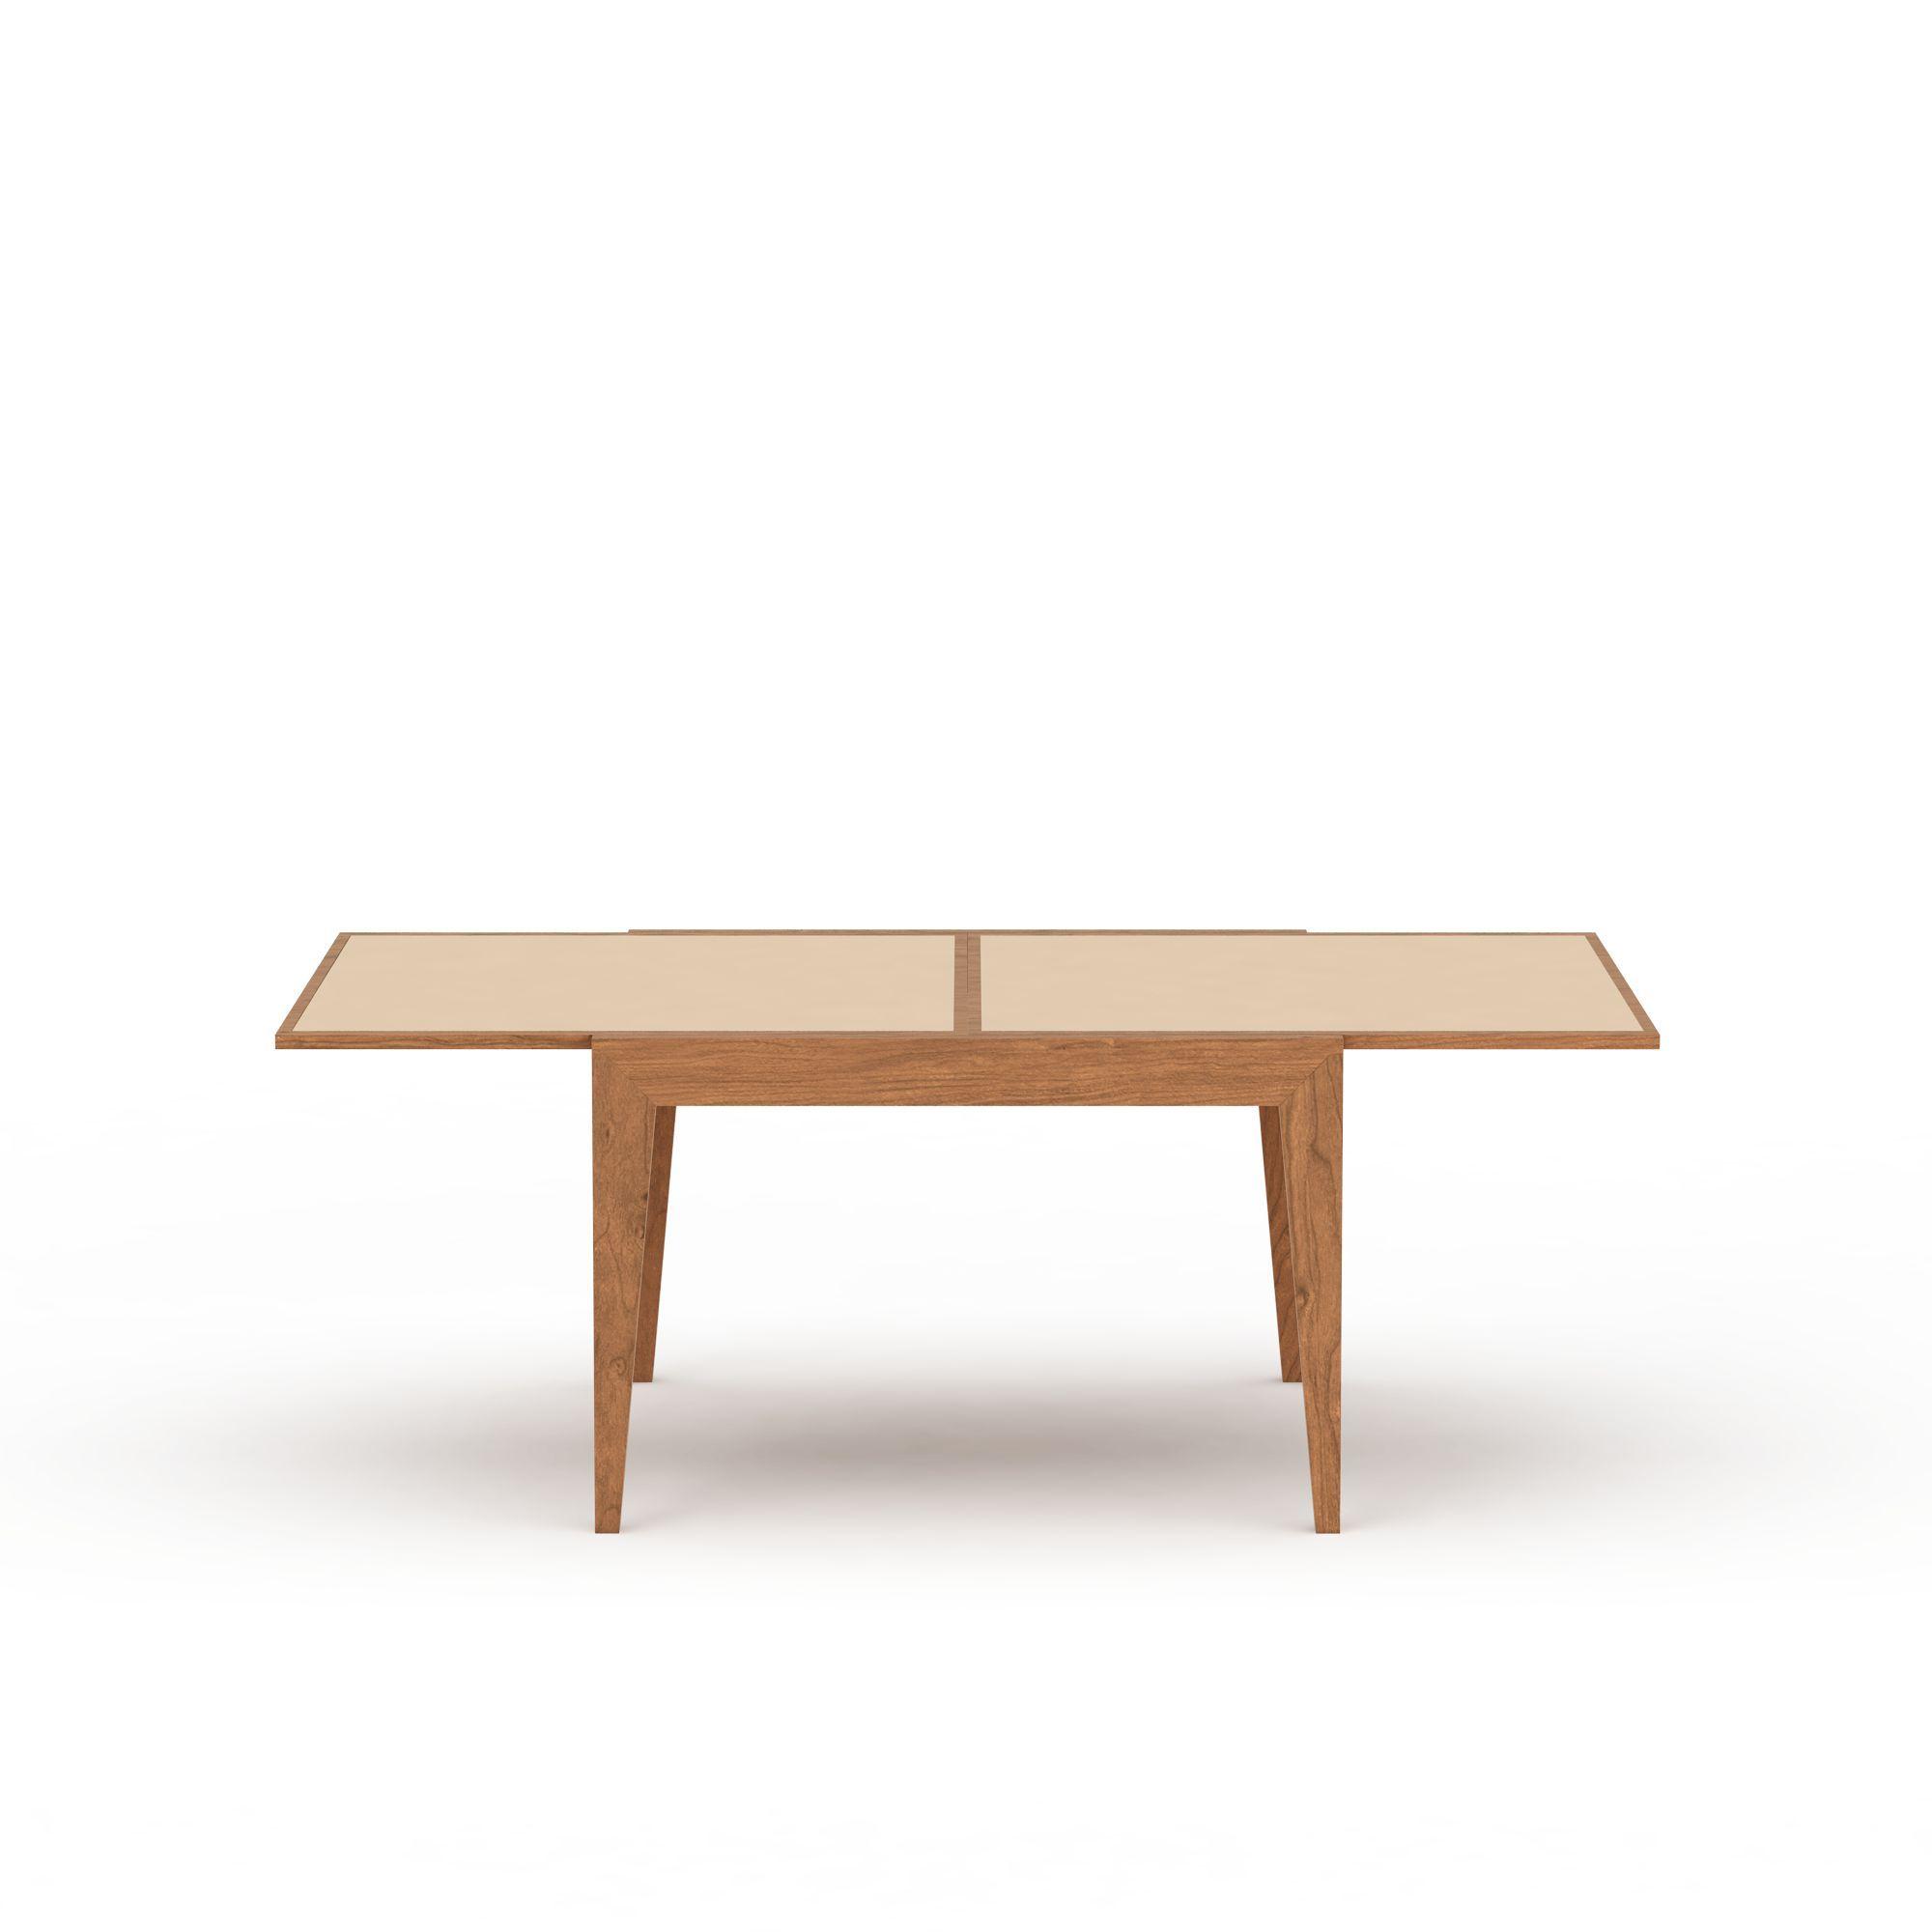 png 风格 现代 上传时间 2016/03/30  关键词:原木长桌3d模型中式长桌图片